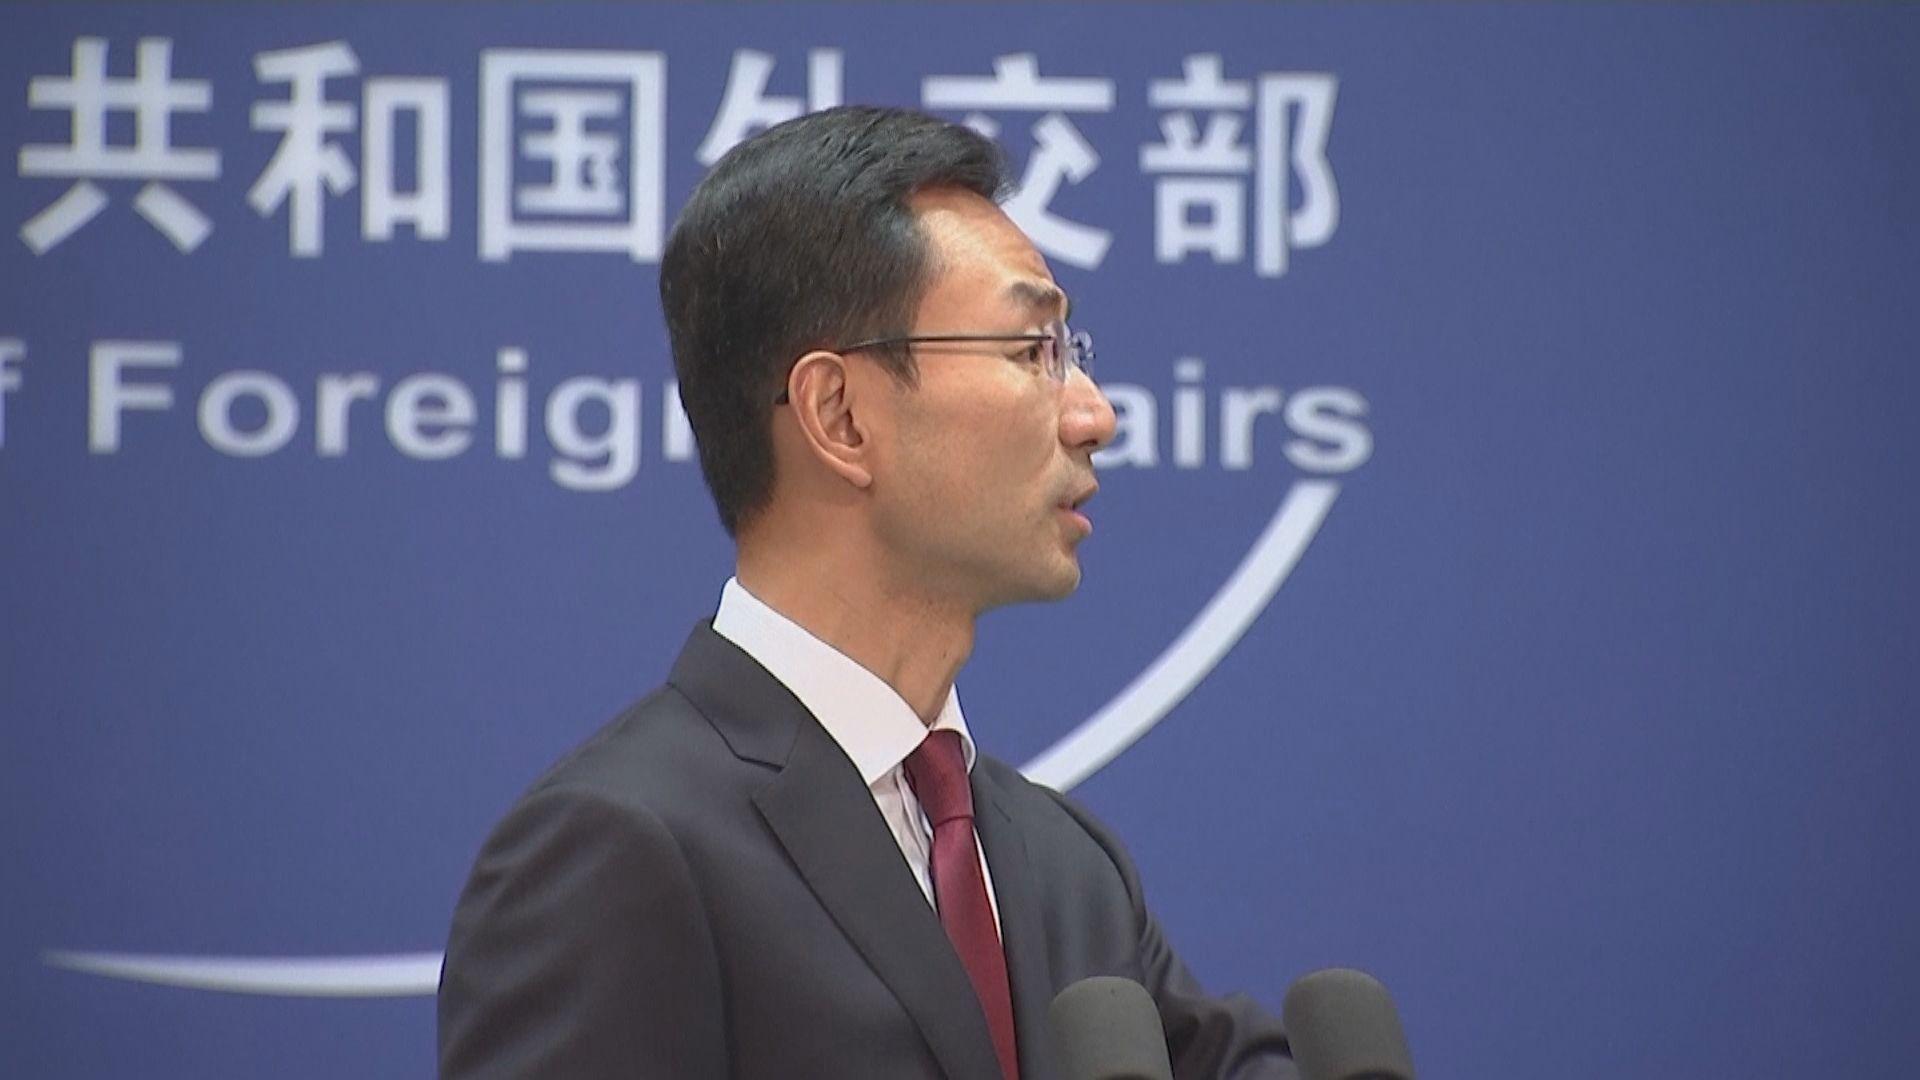 外交部促美勿干涉港事務 批挾洋自重者注定失敗